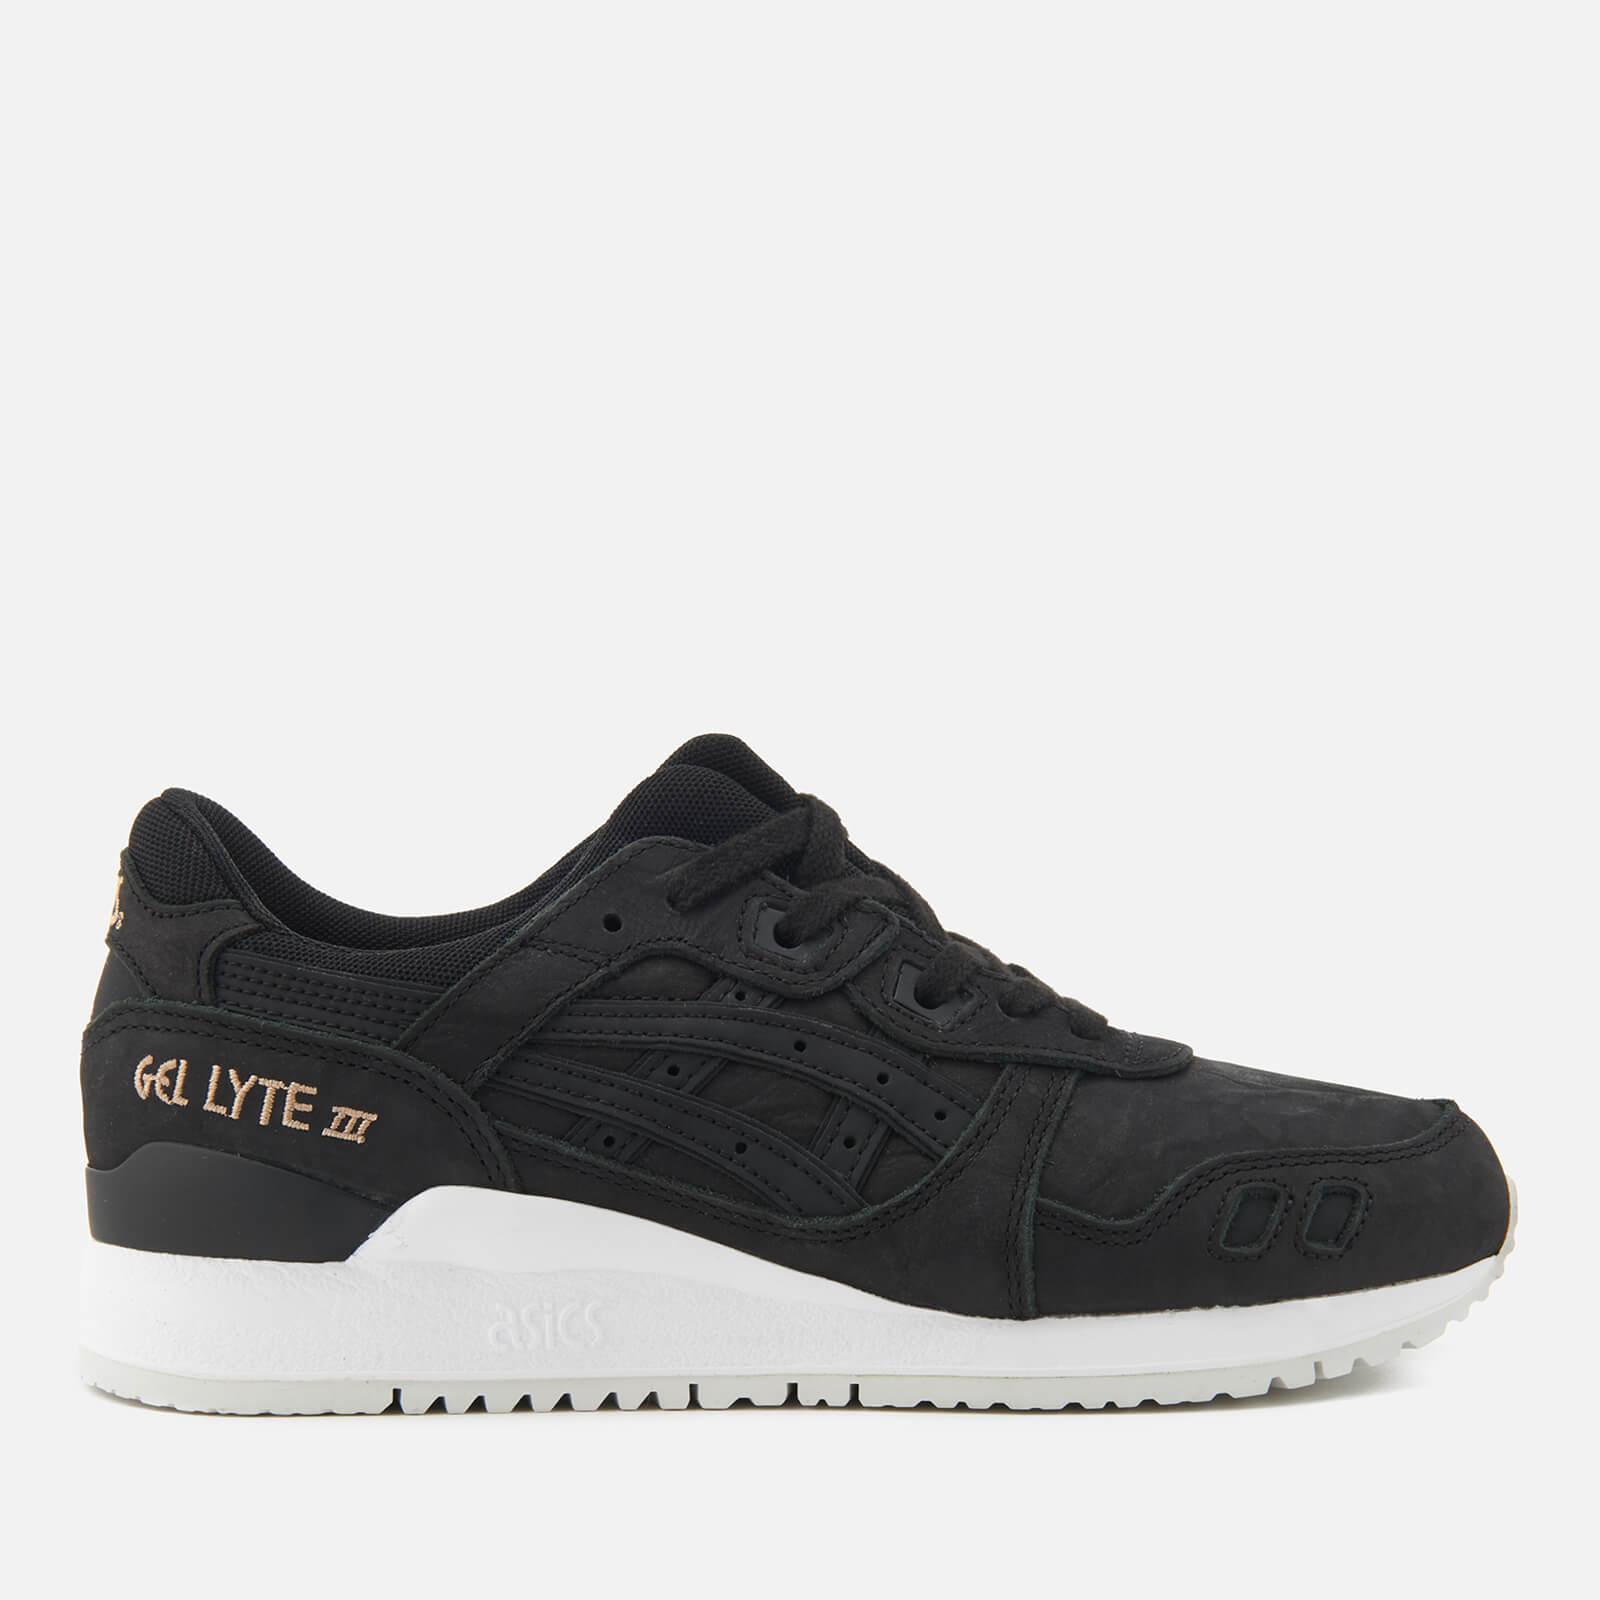 kody promocyjne sklep dyskontowy oficjalny dostawca Asics Lifestyle Women's Gel-Lyte III Leather Trainers - Black/Black